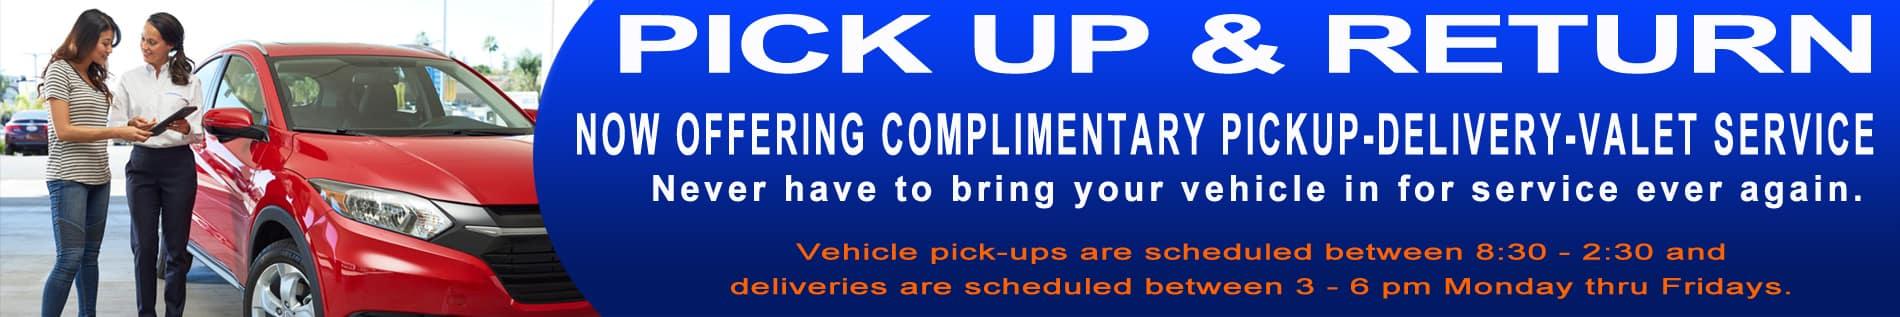 Service valet pick up deliver